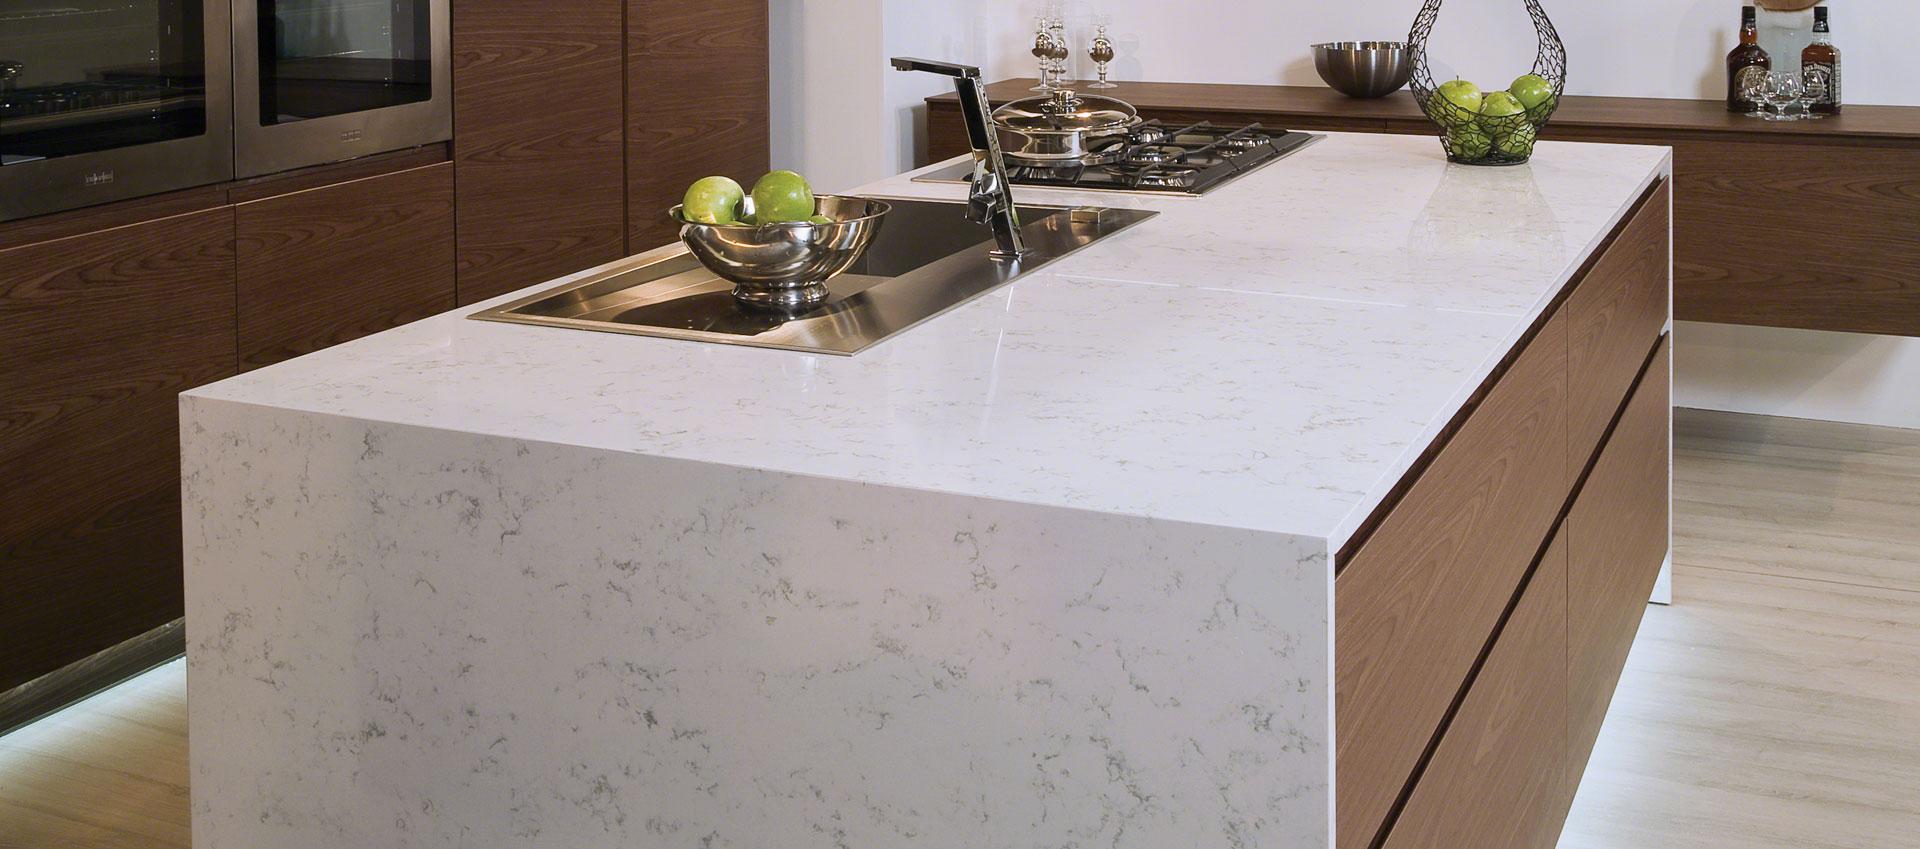 quality quartz counters